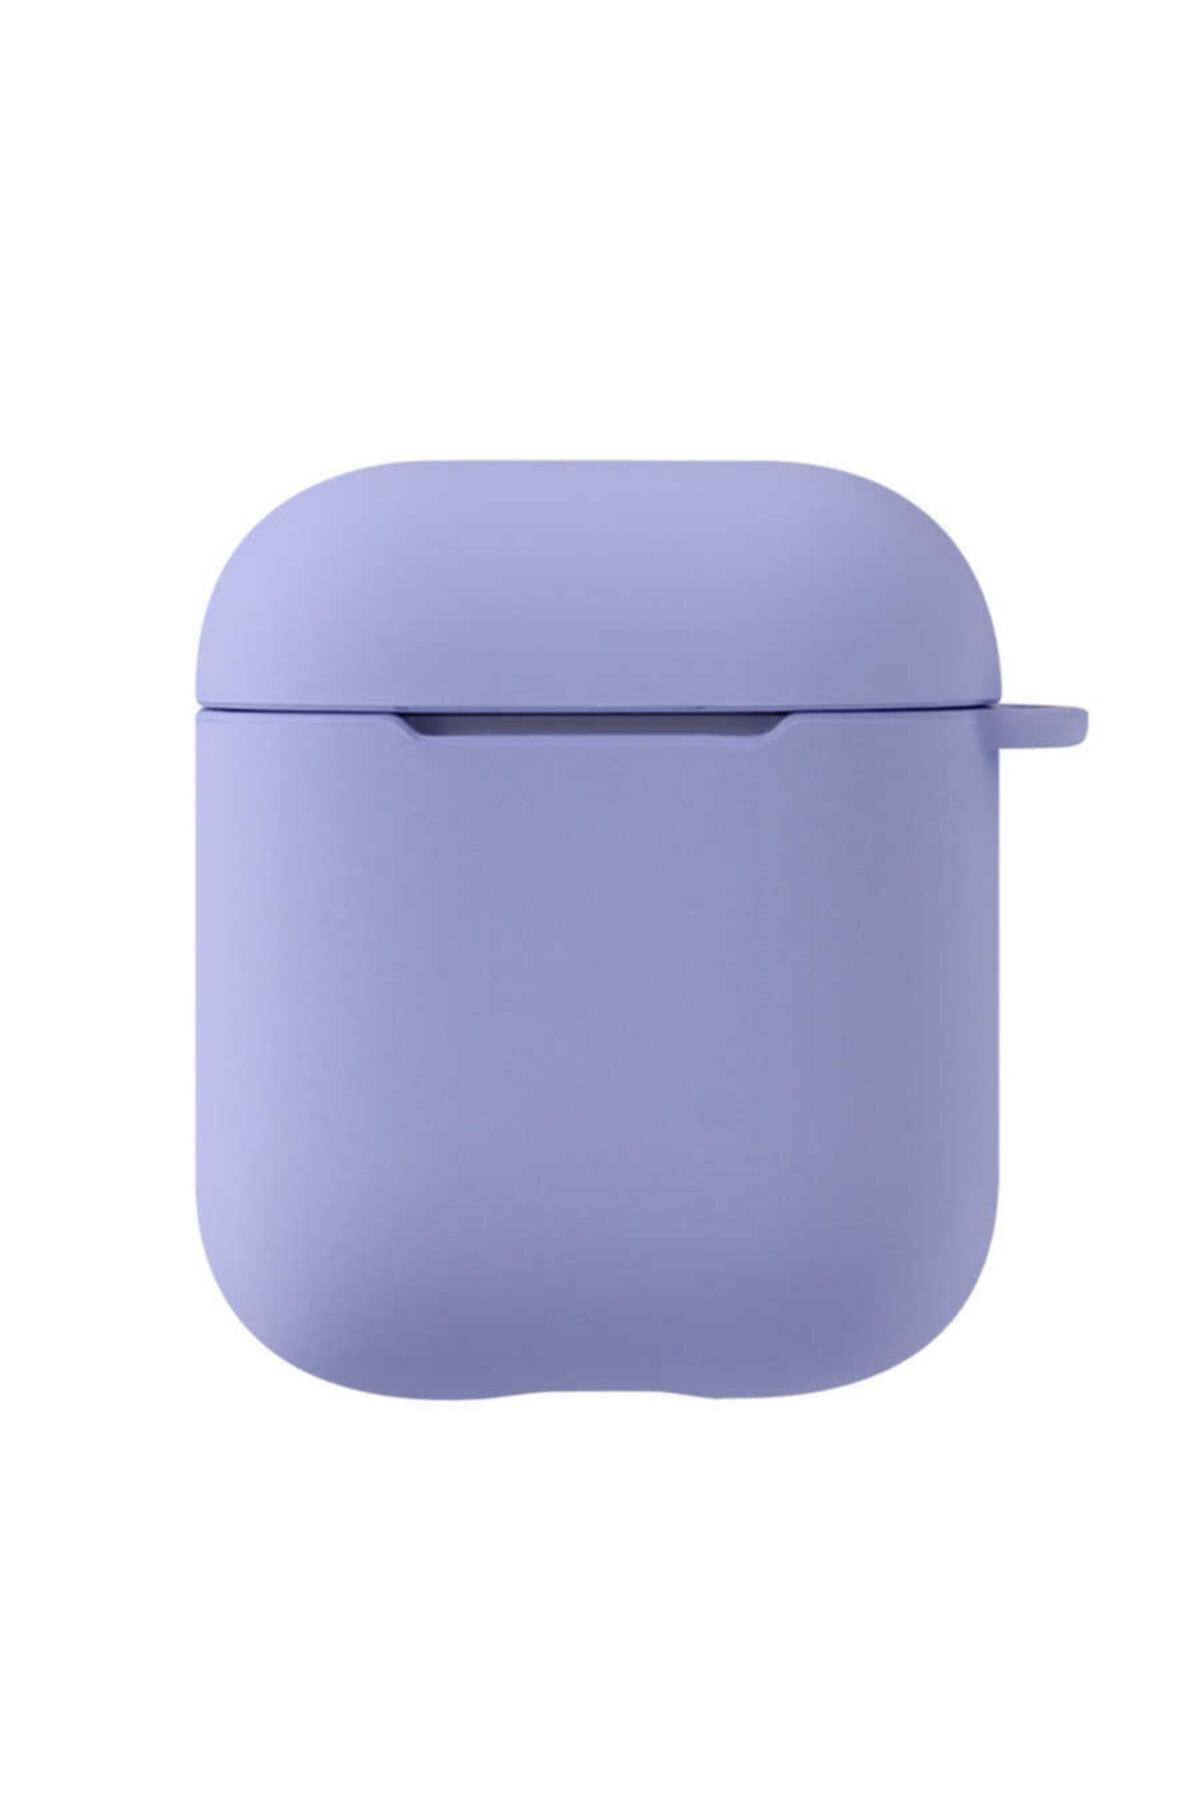 zore Darbe Emici Wireless Şarj Destekli Mat Renkli Silikon Askılı Kancalı Airpods Kılıf 1